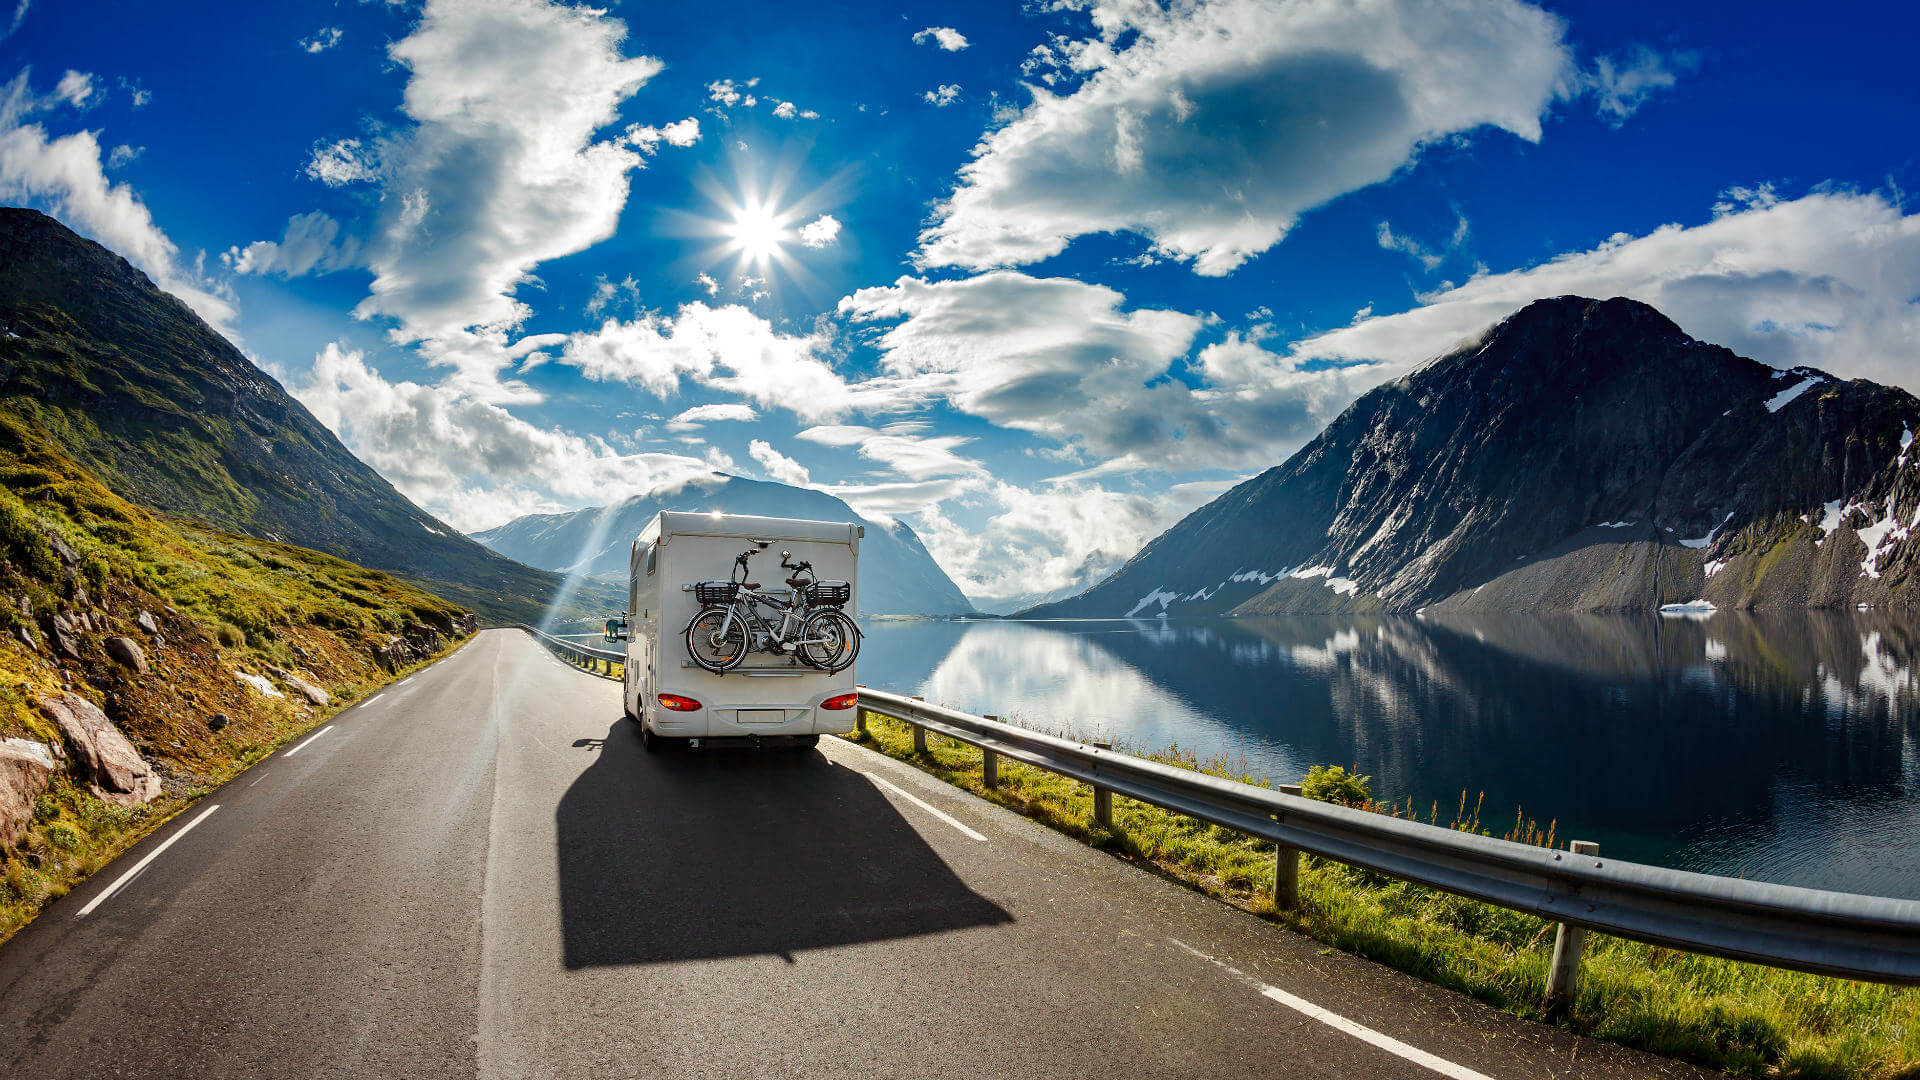 rutas en coche por europa paisaje